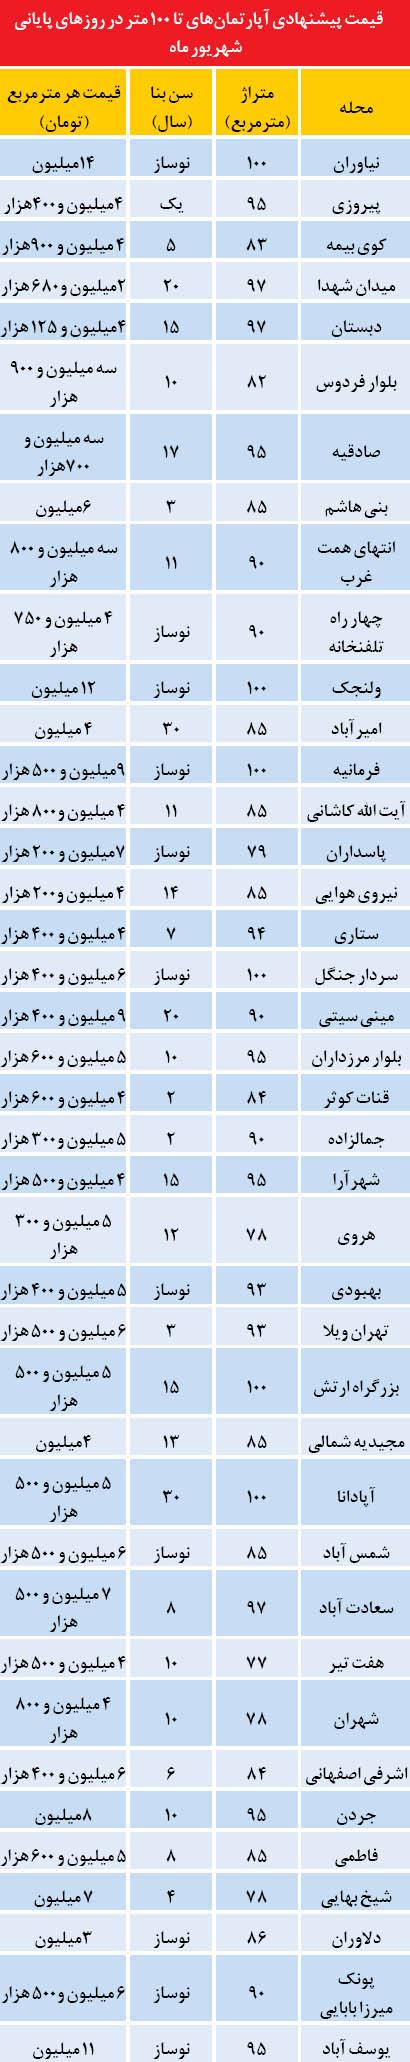 قیمت آپارتمان های زیر ۱۰۰ متر در تهران +جدول